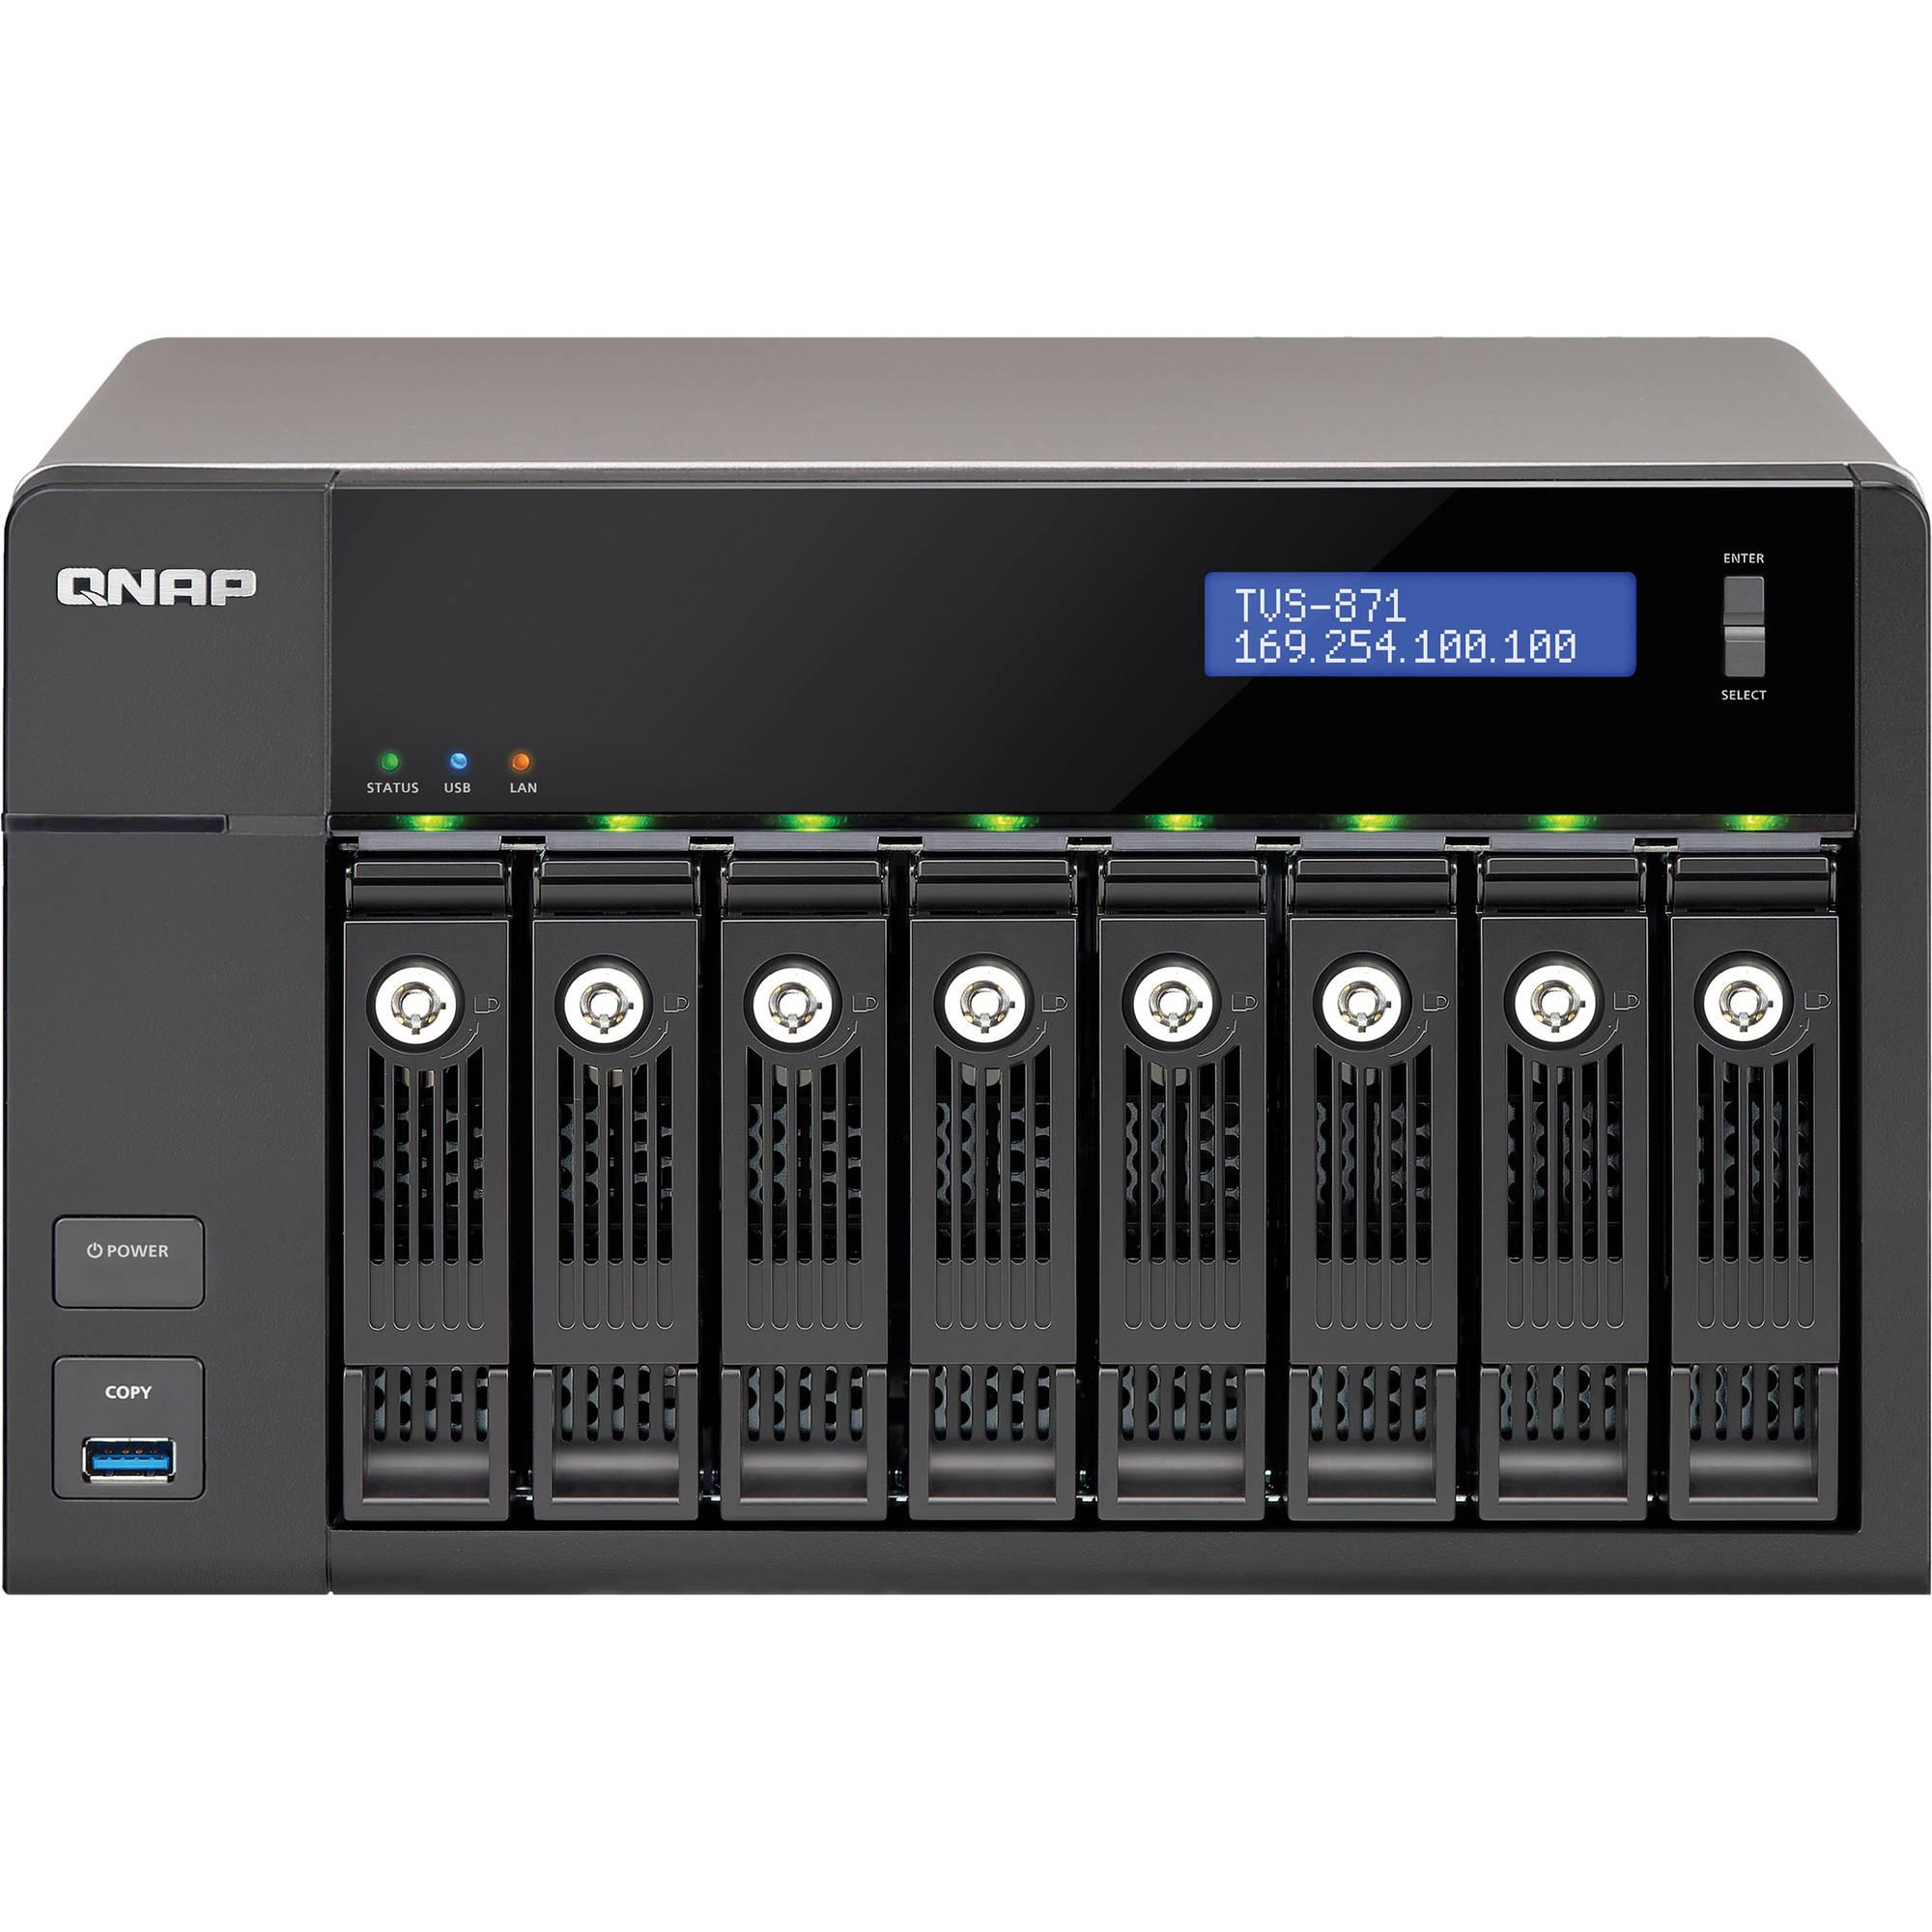 QNAP TVS-871-PT-4G 8-Bay Turbo vNAS